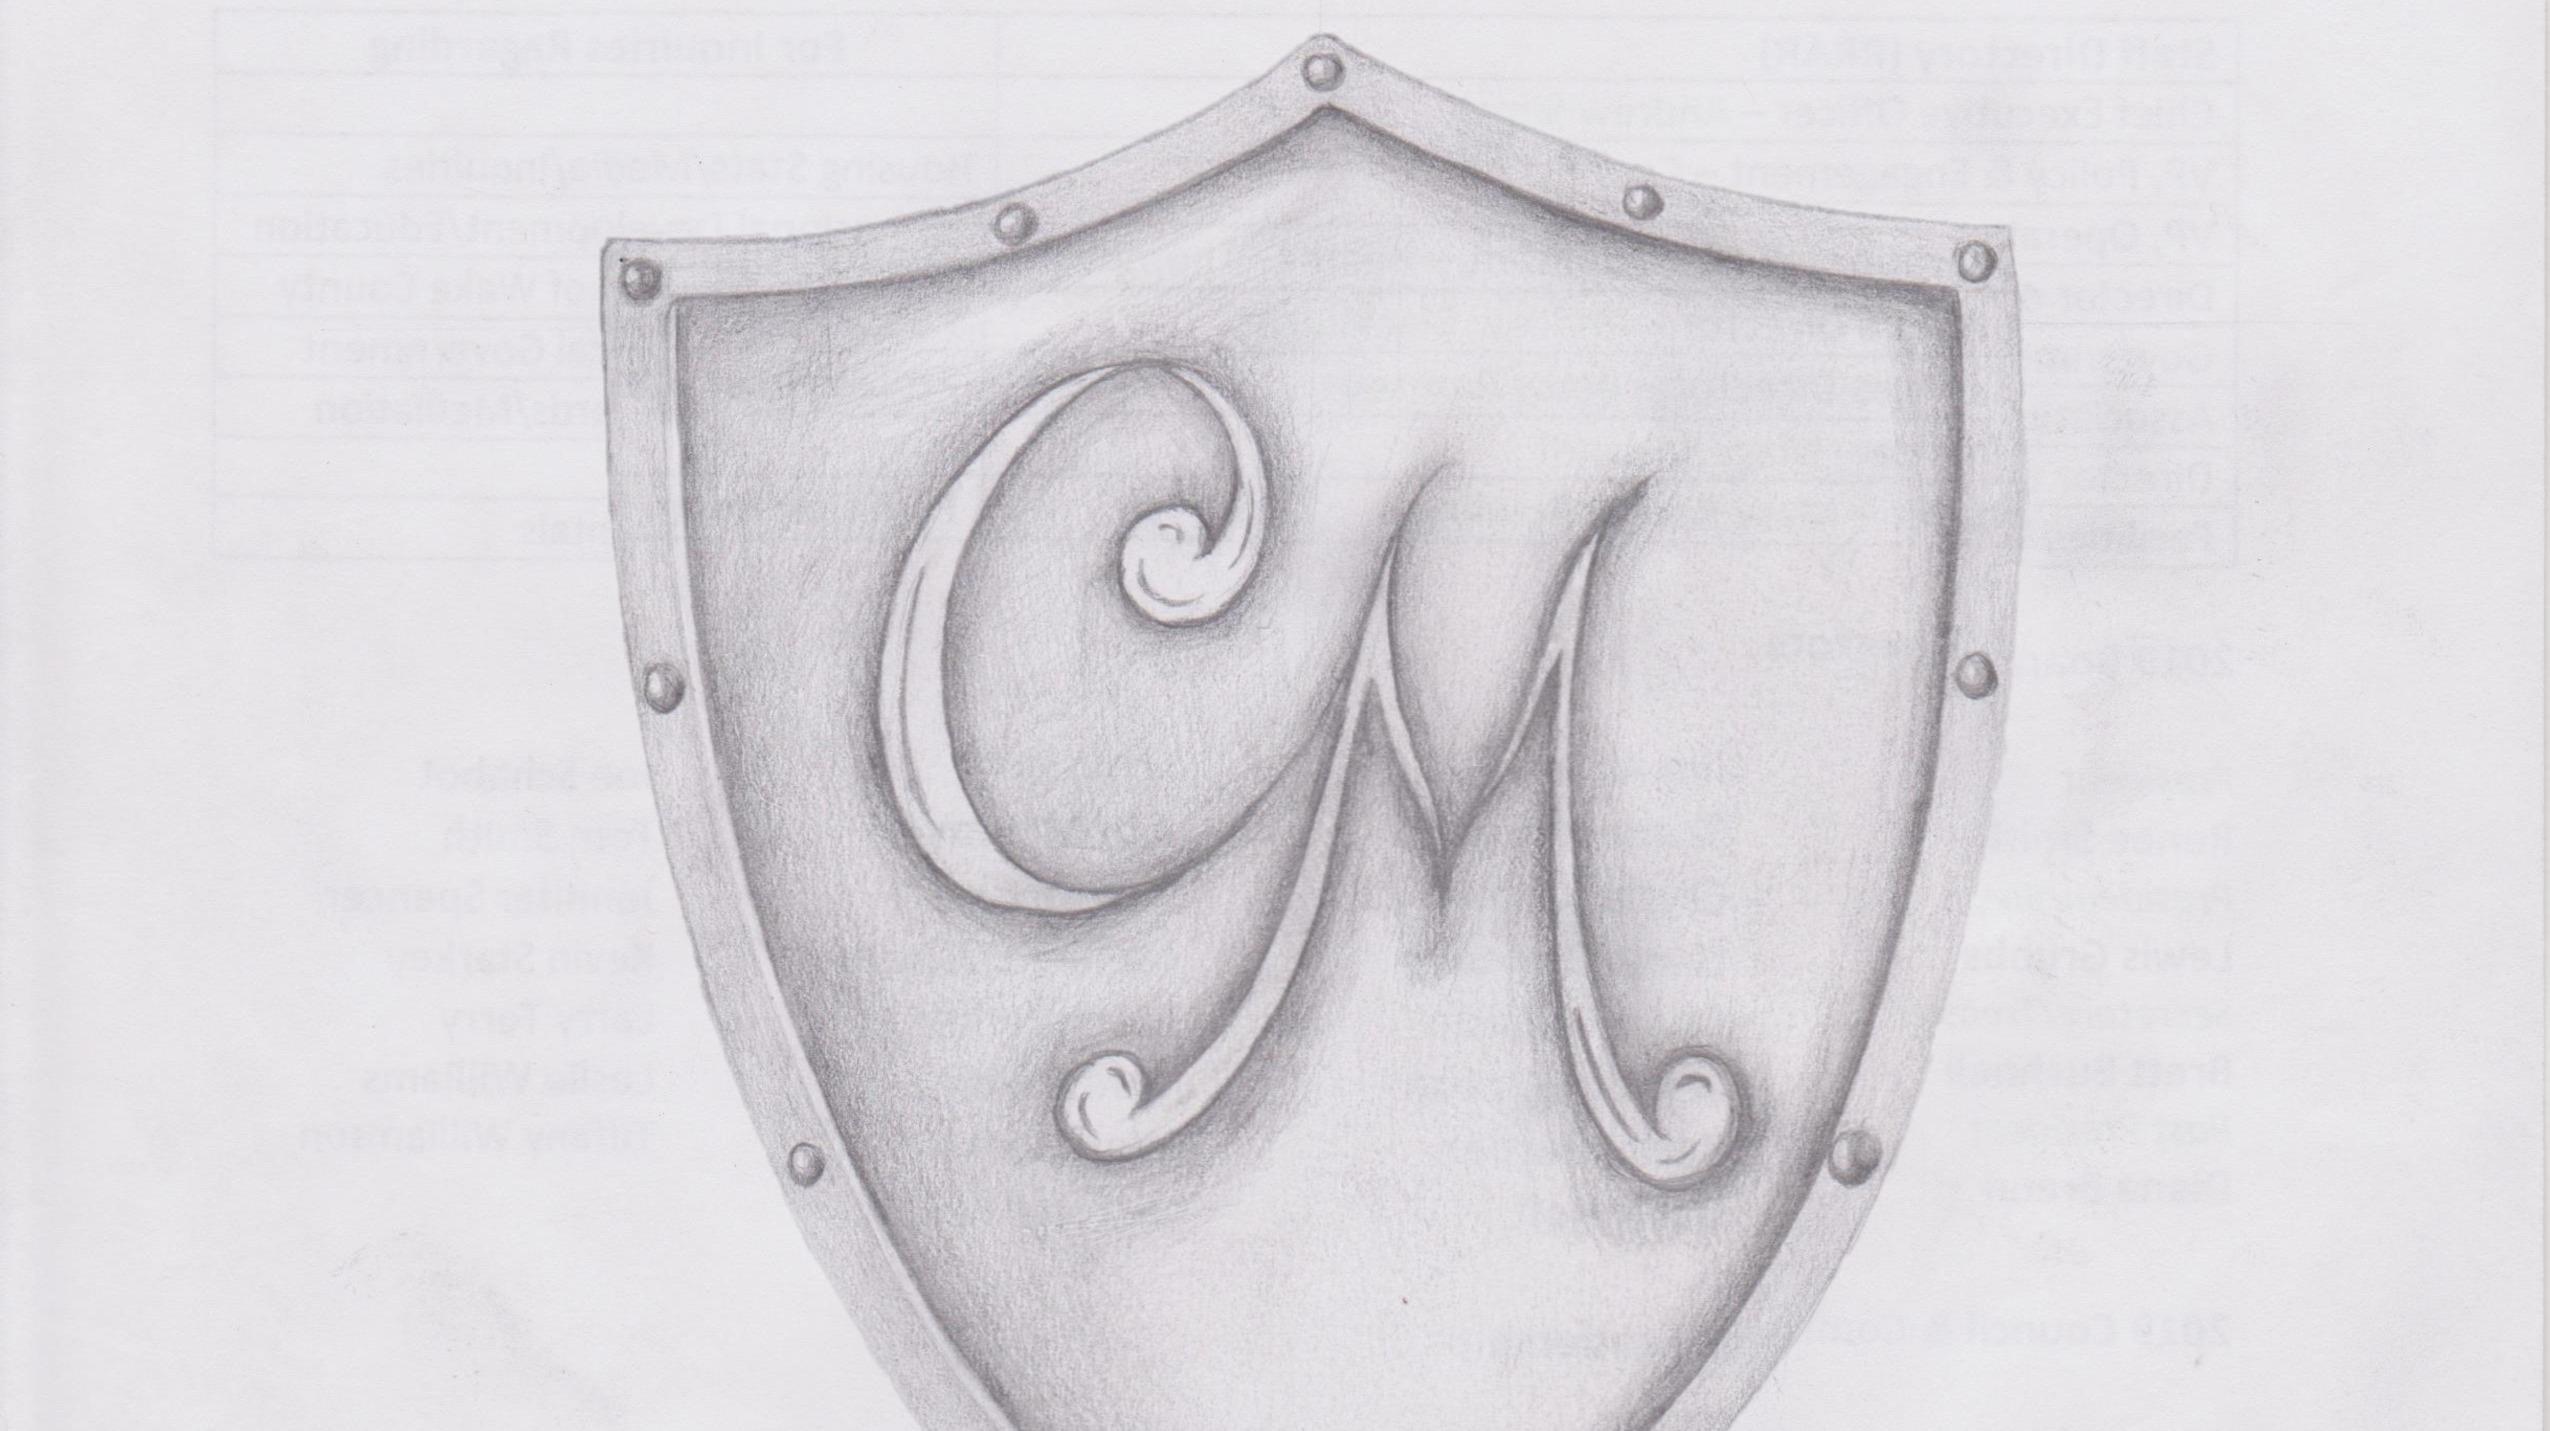 shield w/ initials